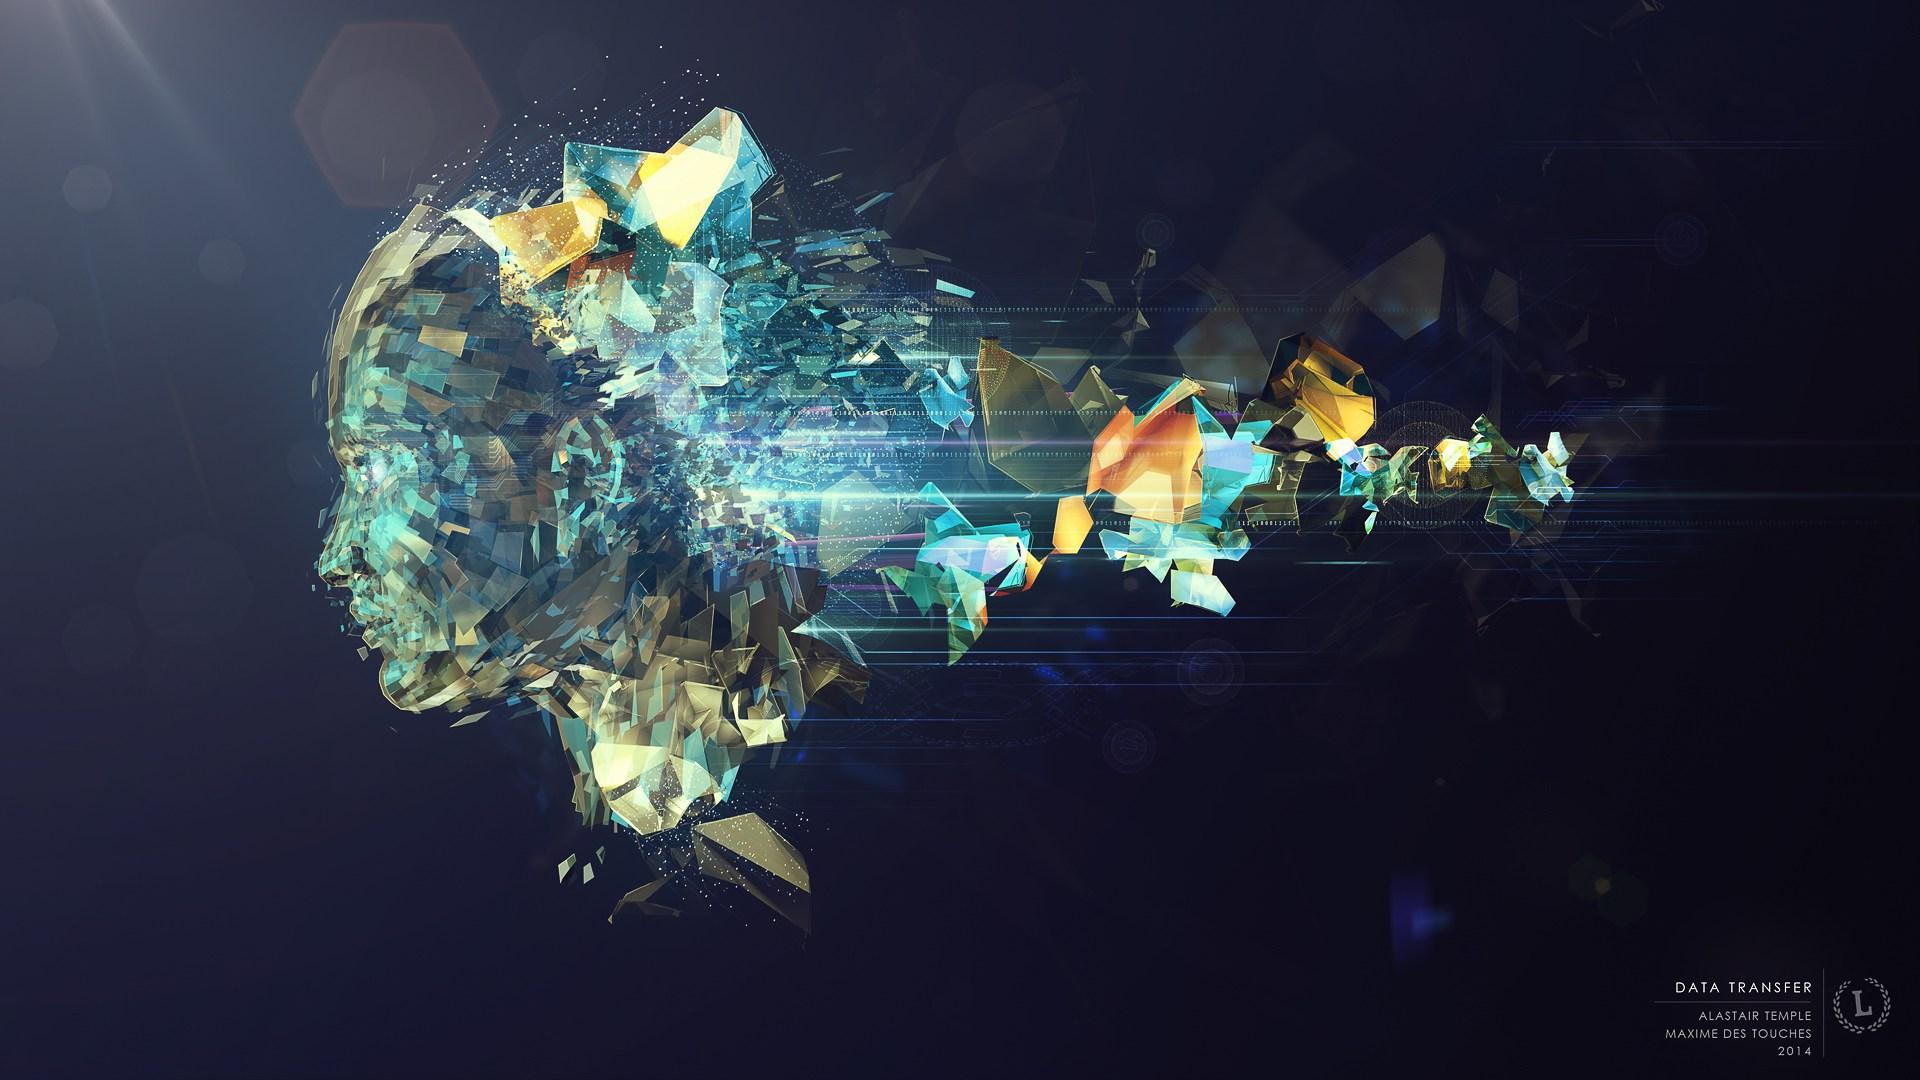 Data Transfer Illustration artworks